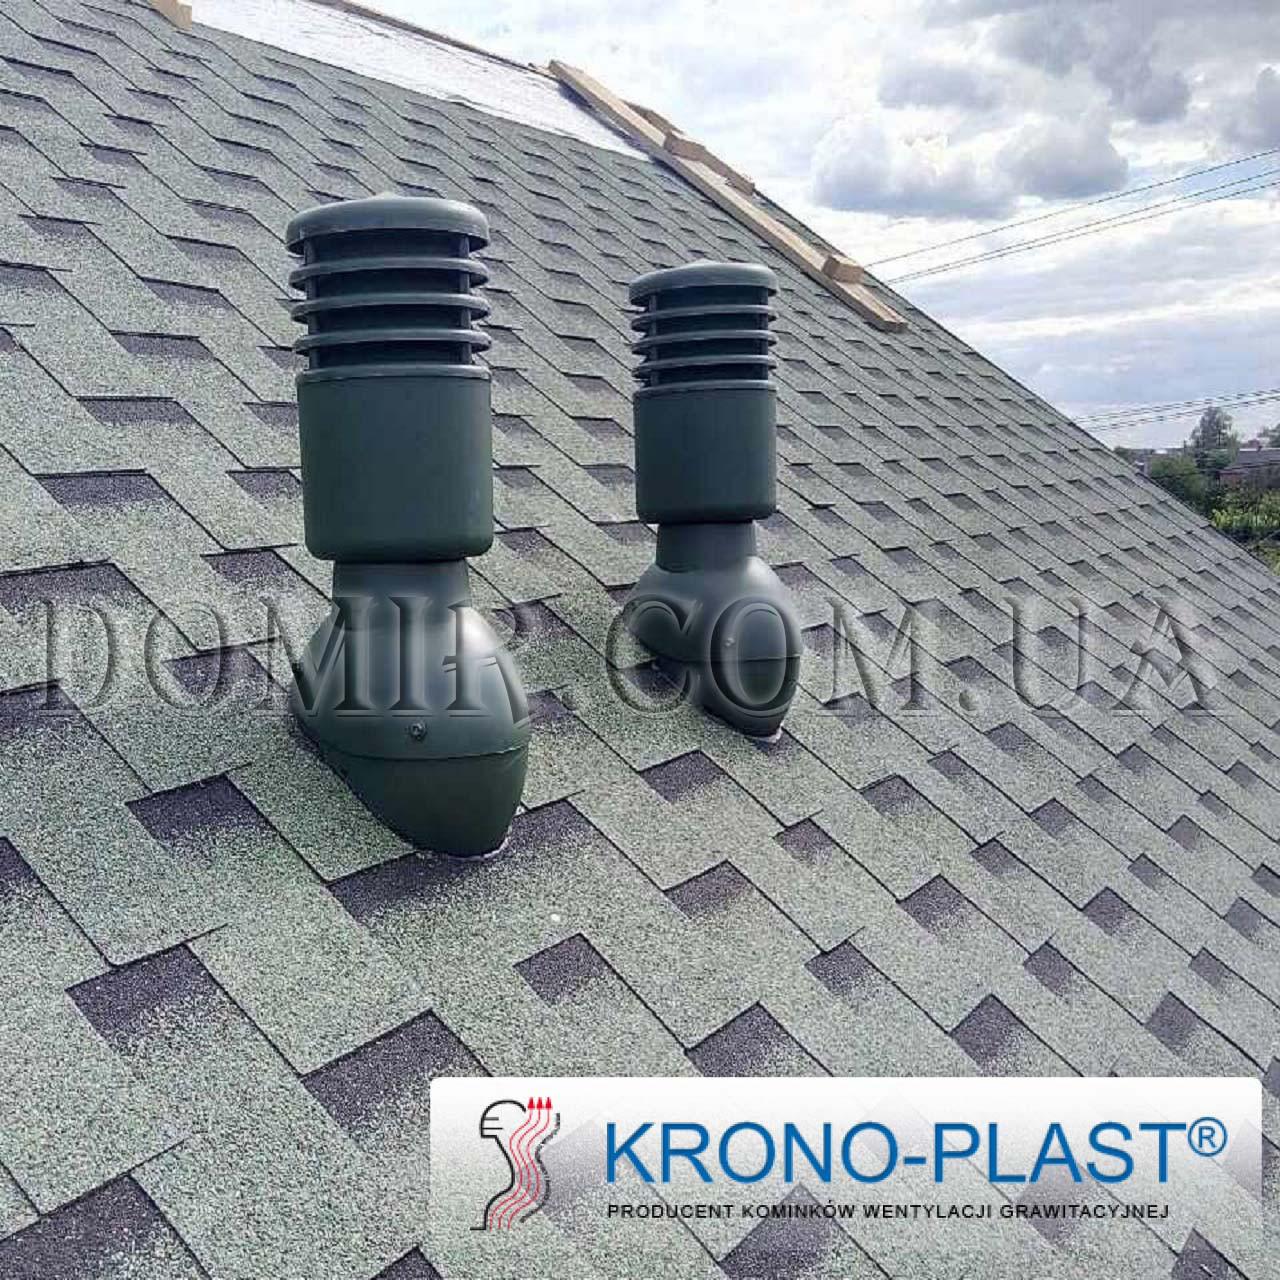 Вентиляционные выходы для битумной черепицы Krono-plast